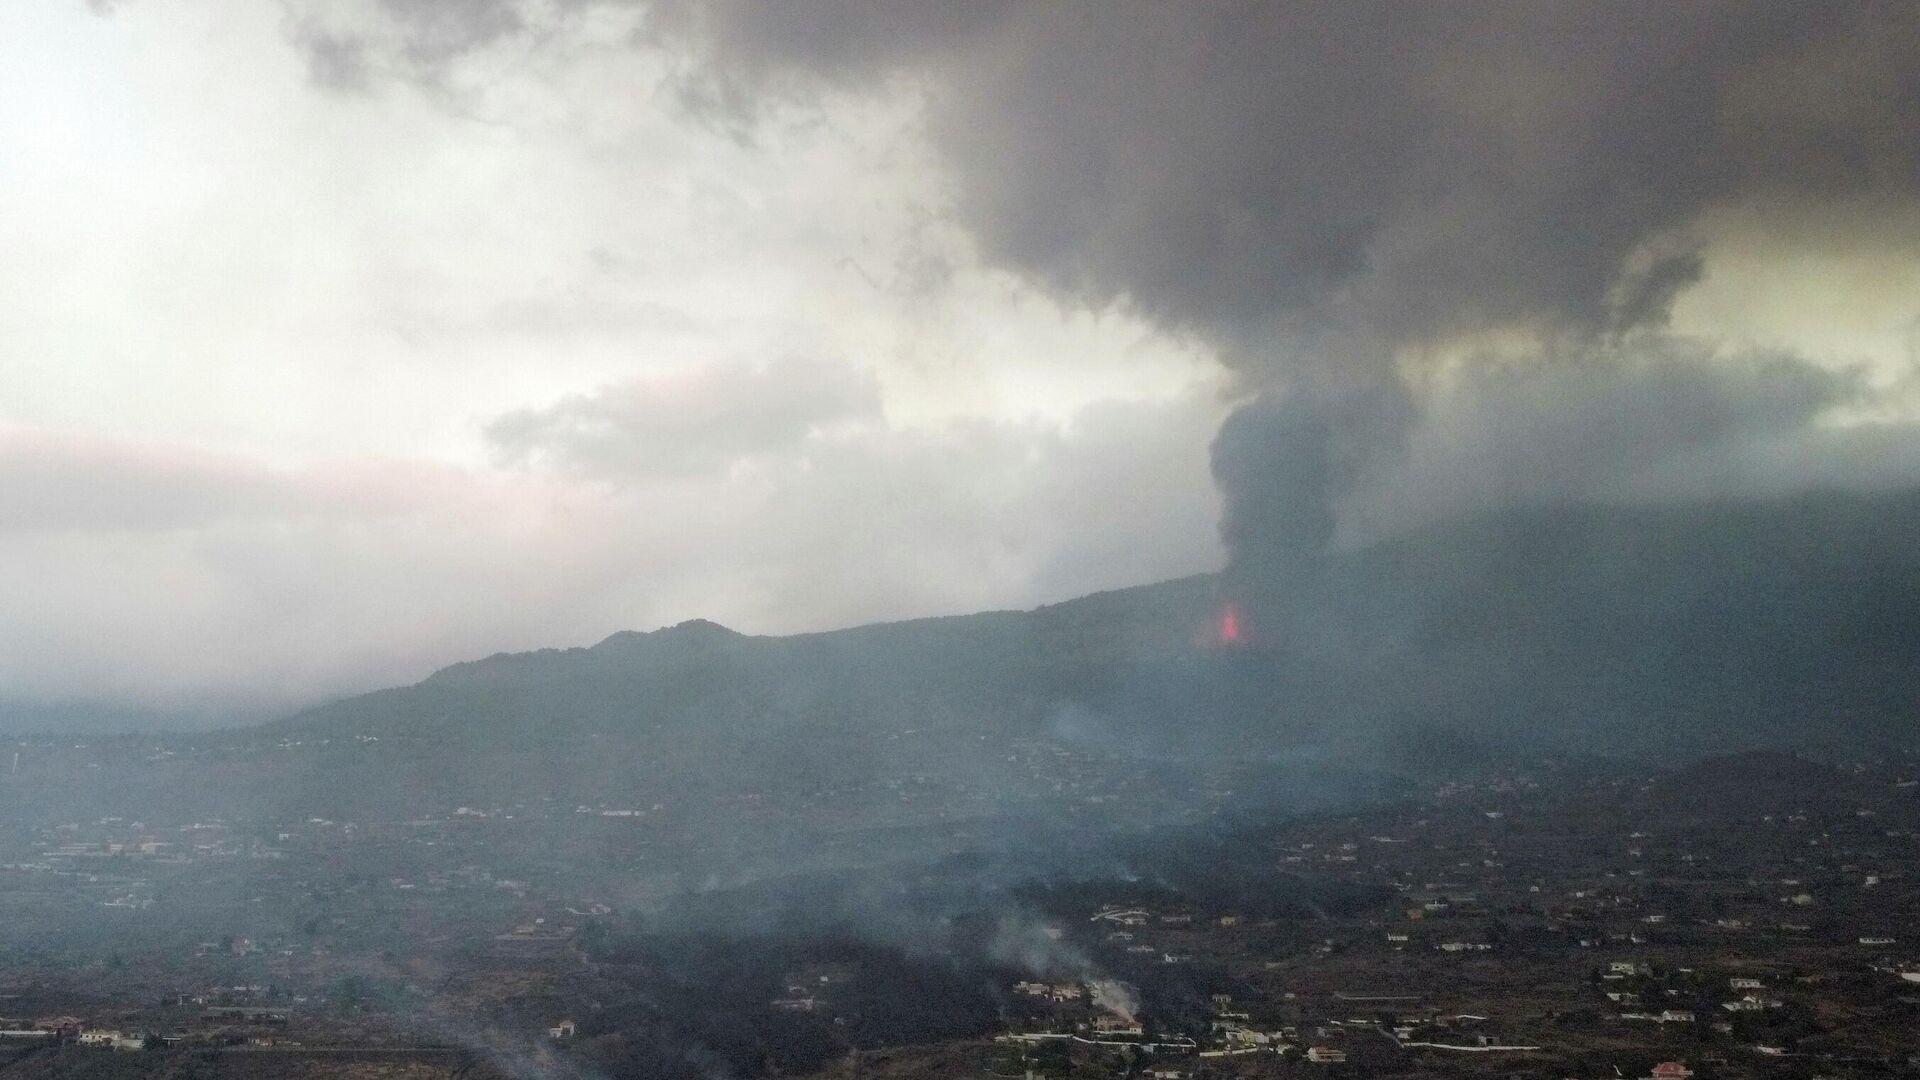 Erupción del volcán en la isla española de La Palma, archipiélago de Canarias - Sputnik Mundo, 1920, 23.09.2021